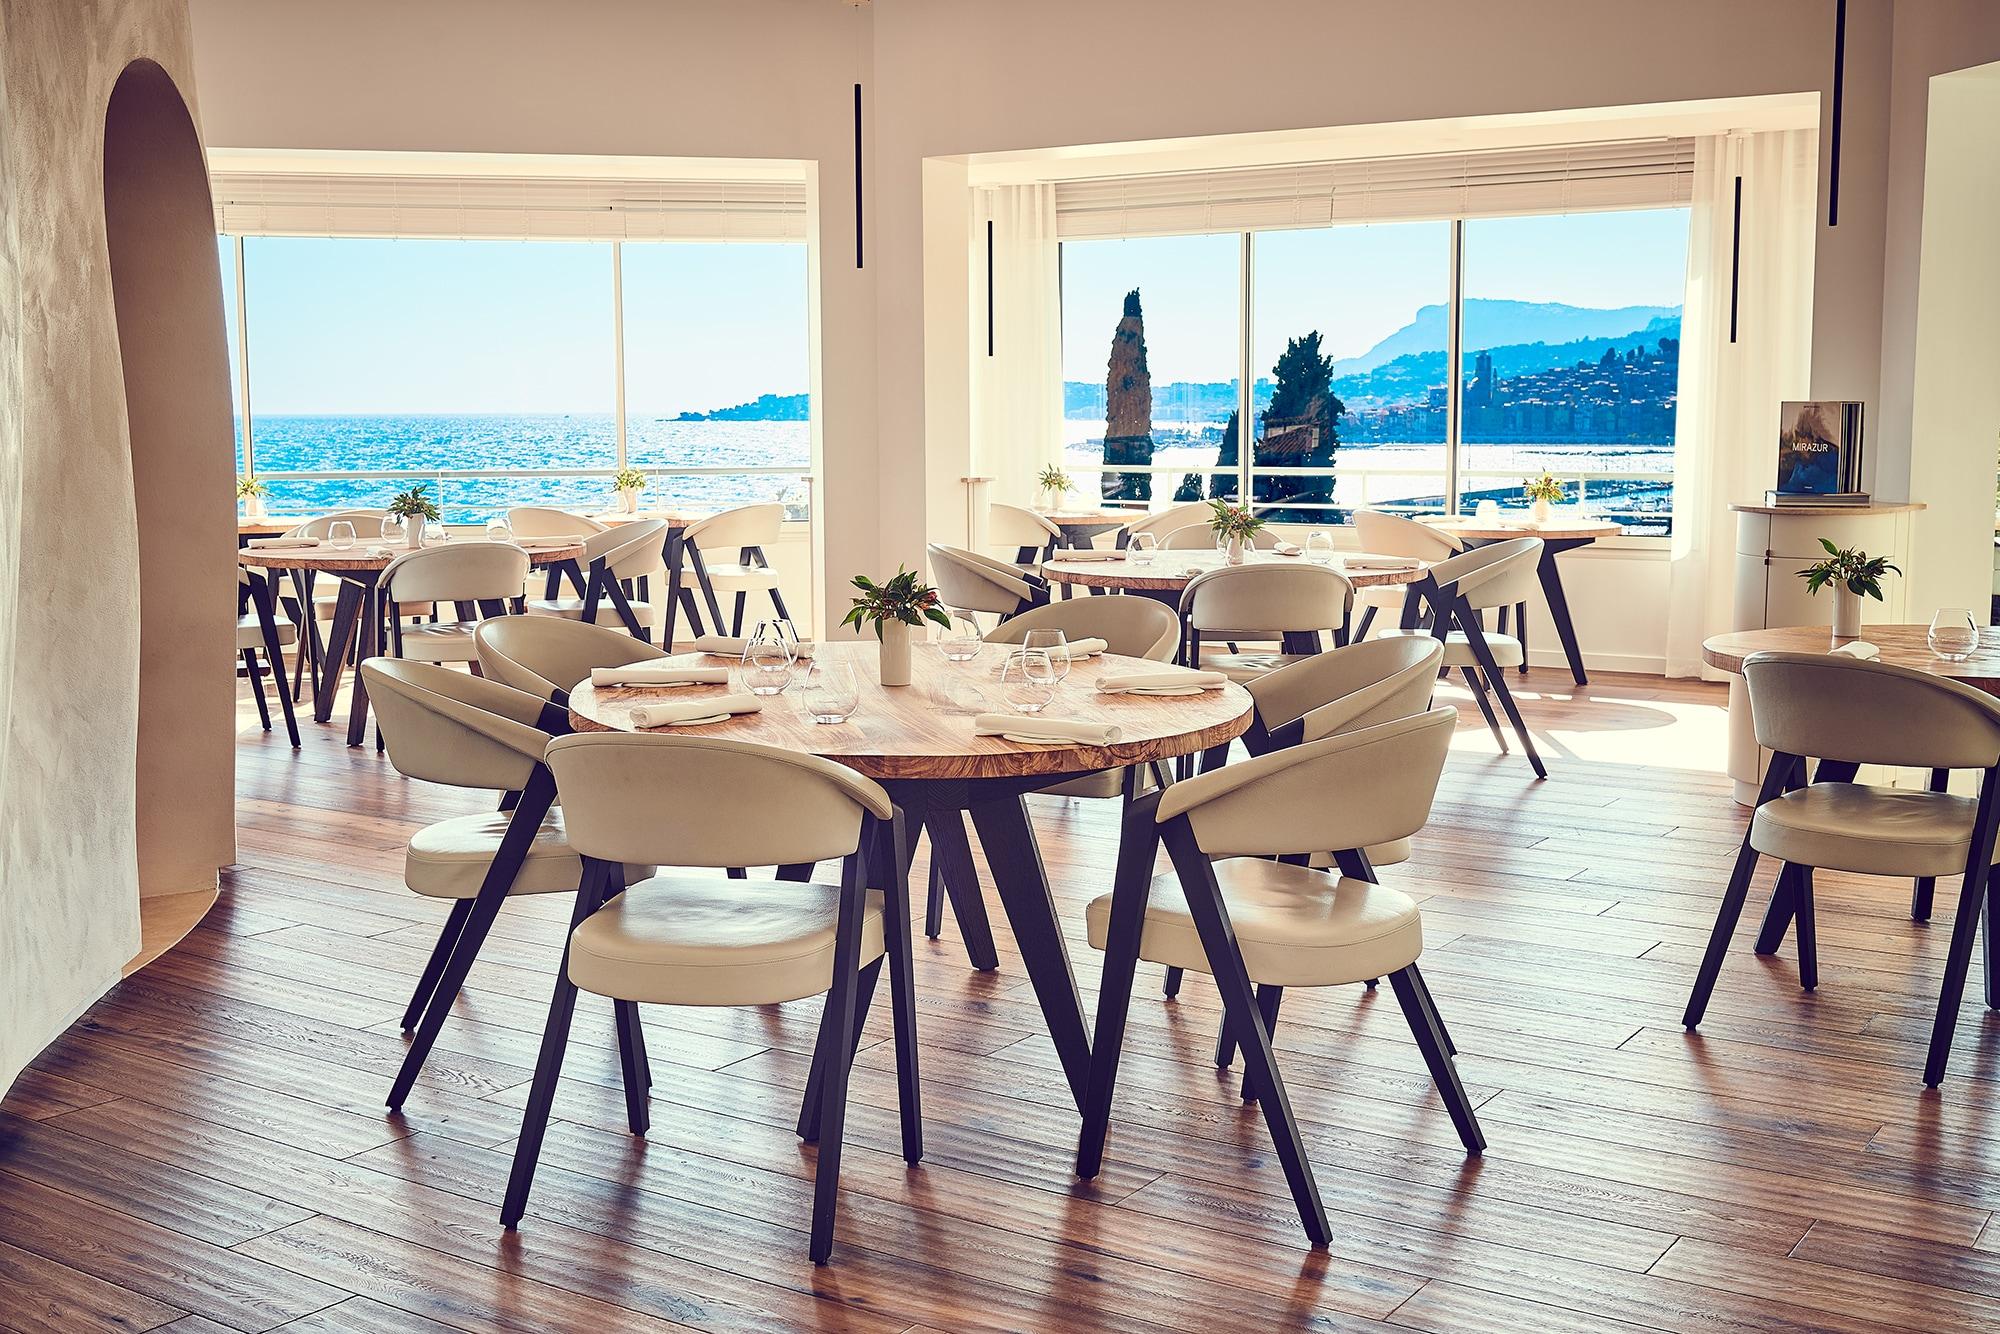 南仏・マントンのレストラン「ミラズール」。2018年の世界のベストレストラン50で世界3位に、2019年には世界1位に選ばれた。